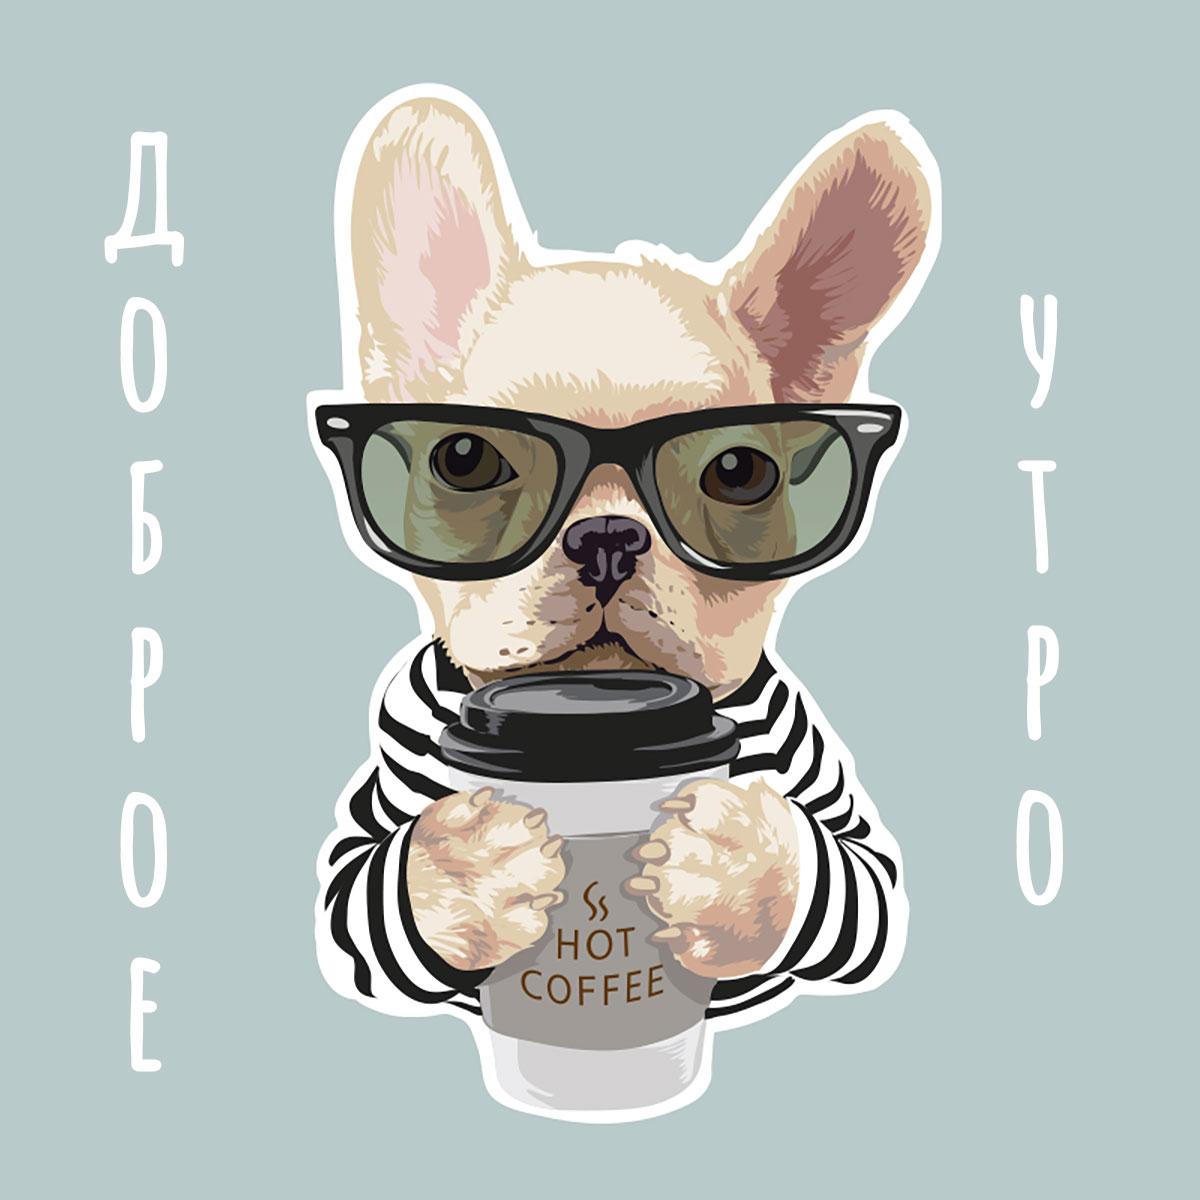 Картинка с добрым утром с собакой бульдог в очках и одноразовым стаканом кофе в лапах.